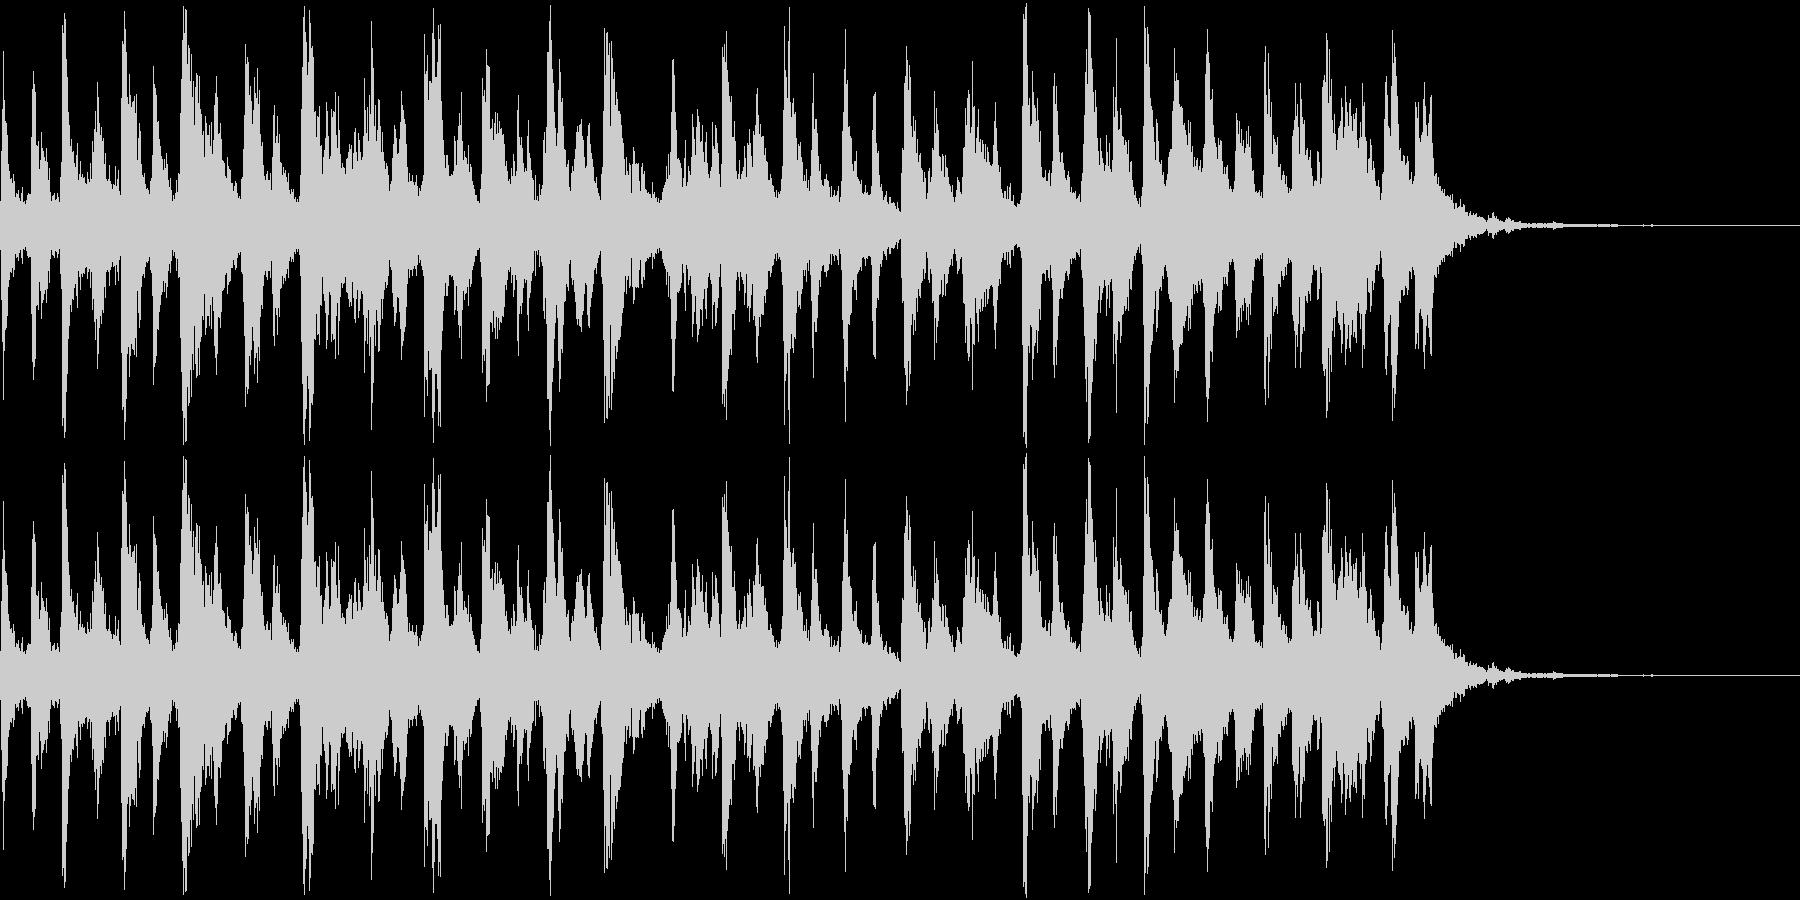 シャンシャンシャン クリスマスの鈴3の未再生の波形